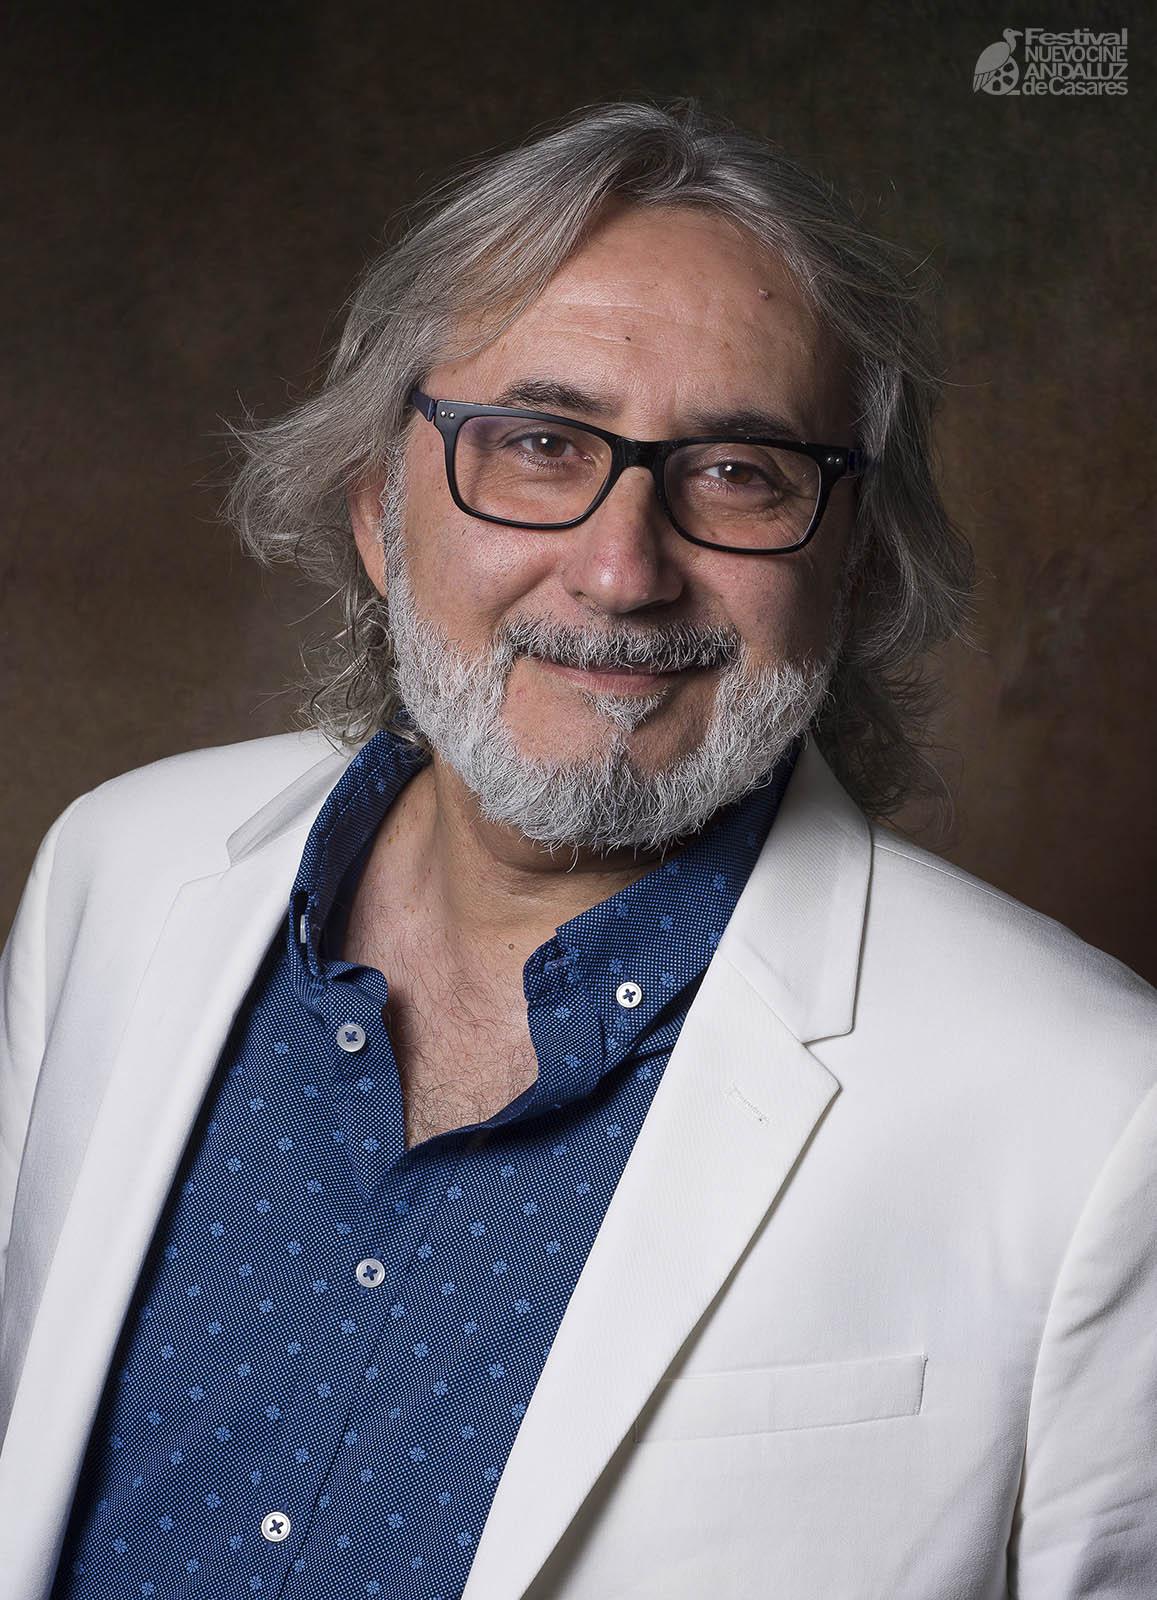 Javier Paisano, gestor cultural y periodista